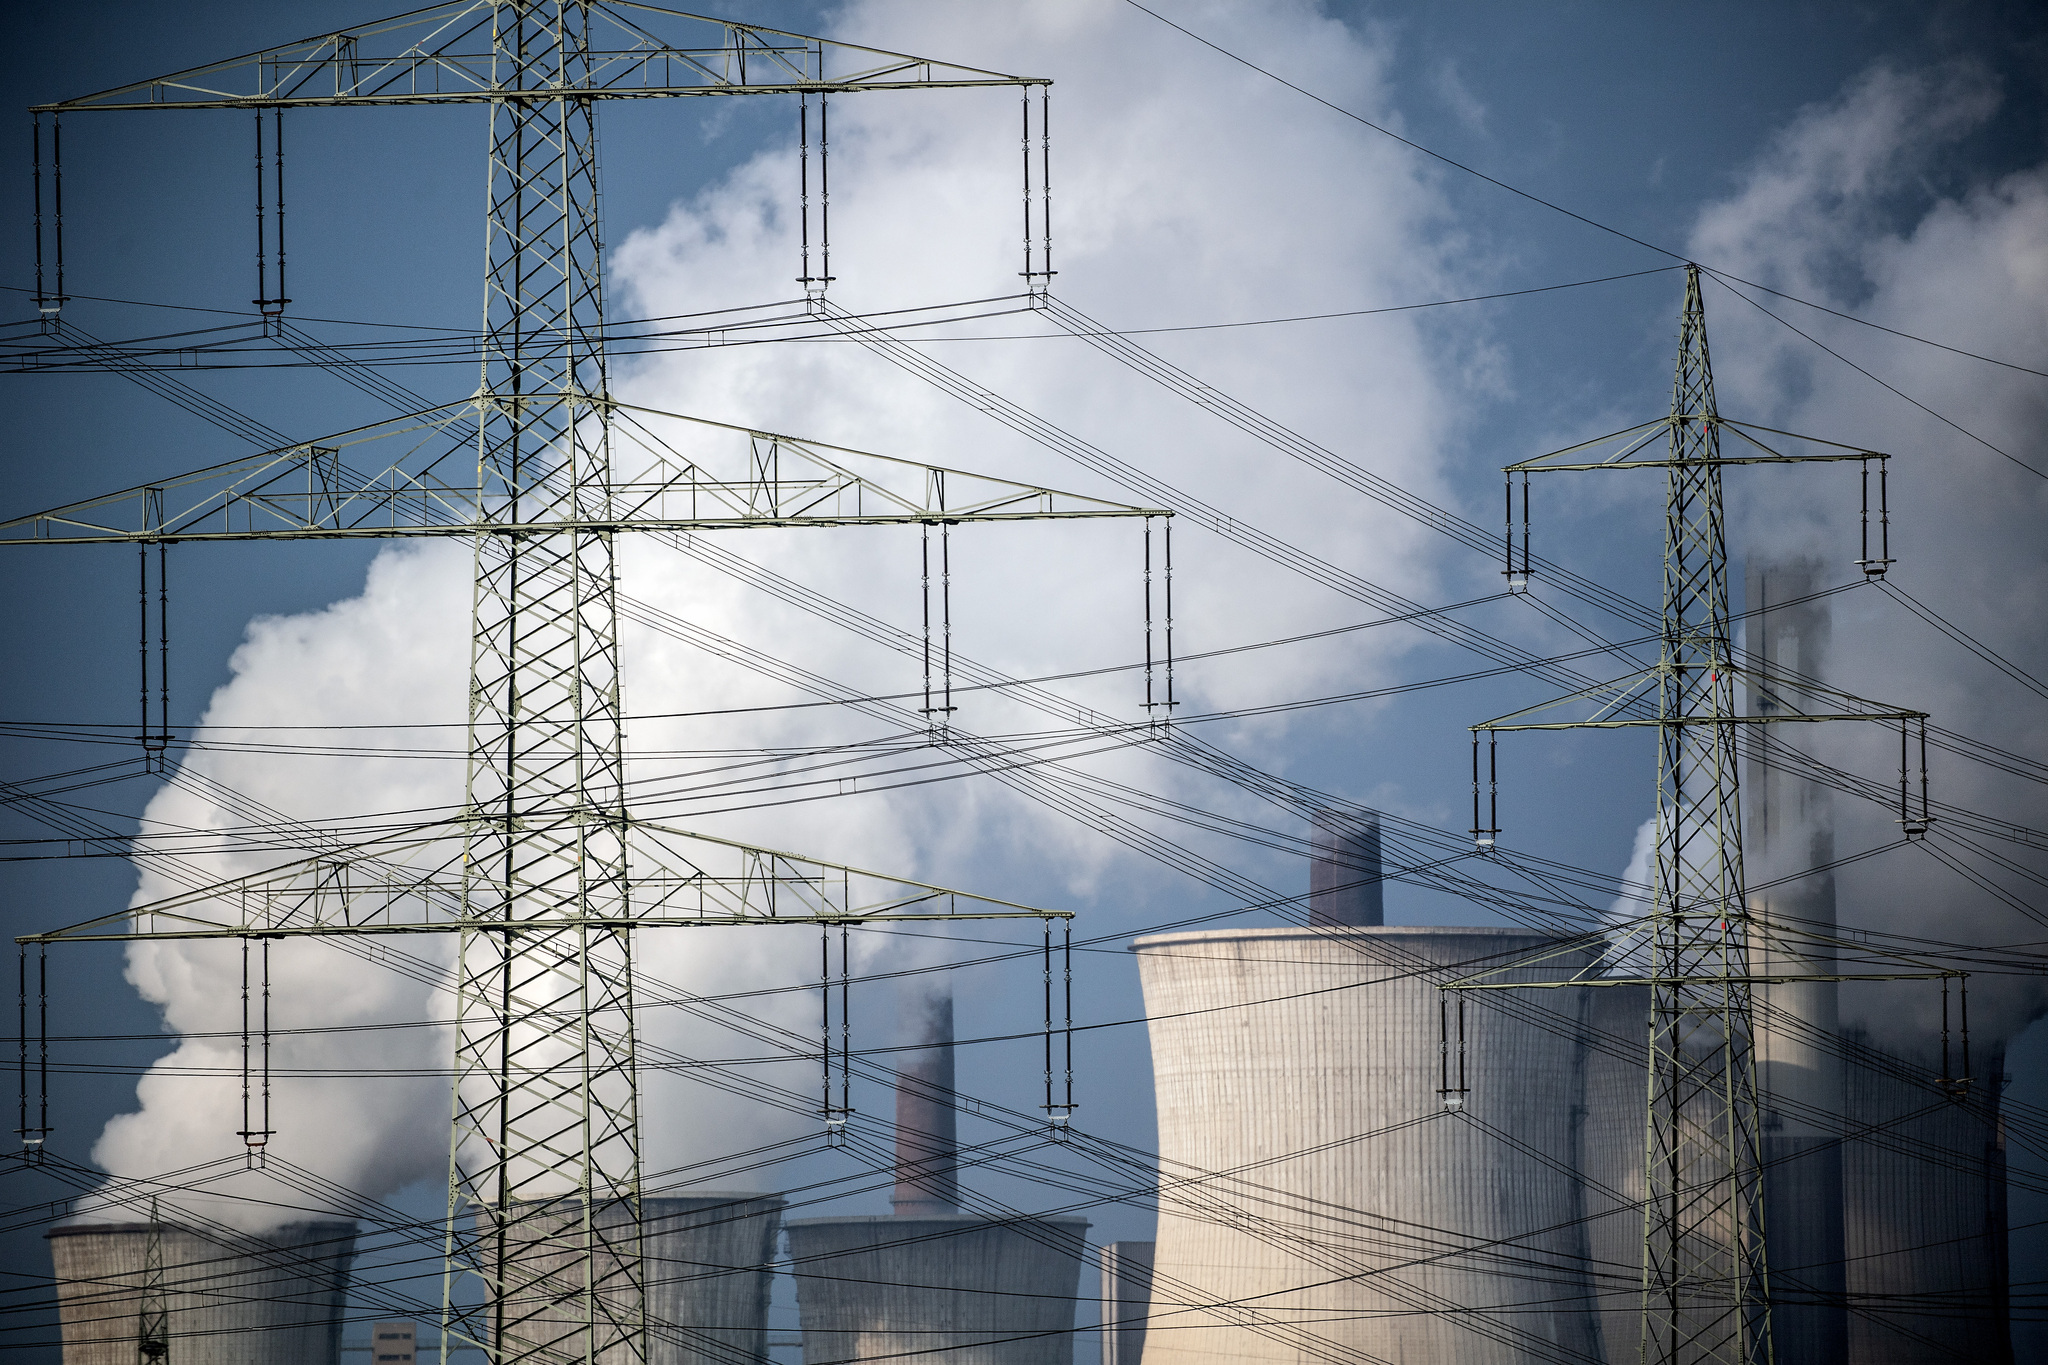 Braunkohlekraftwerke werden immer unrentabler